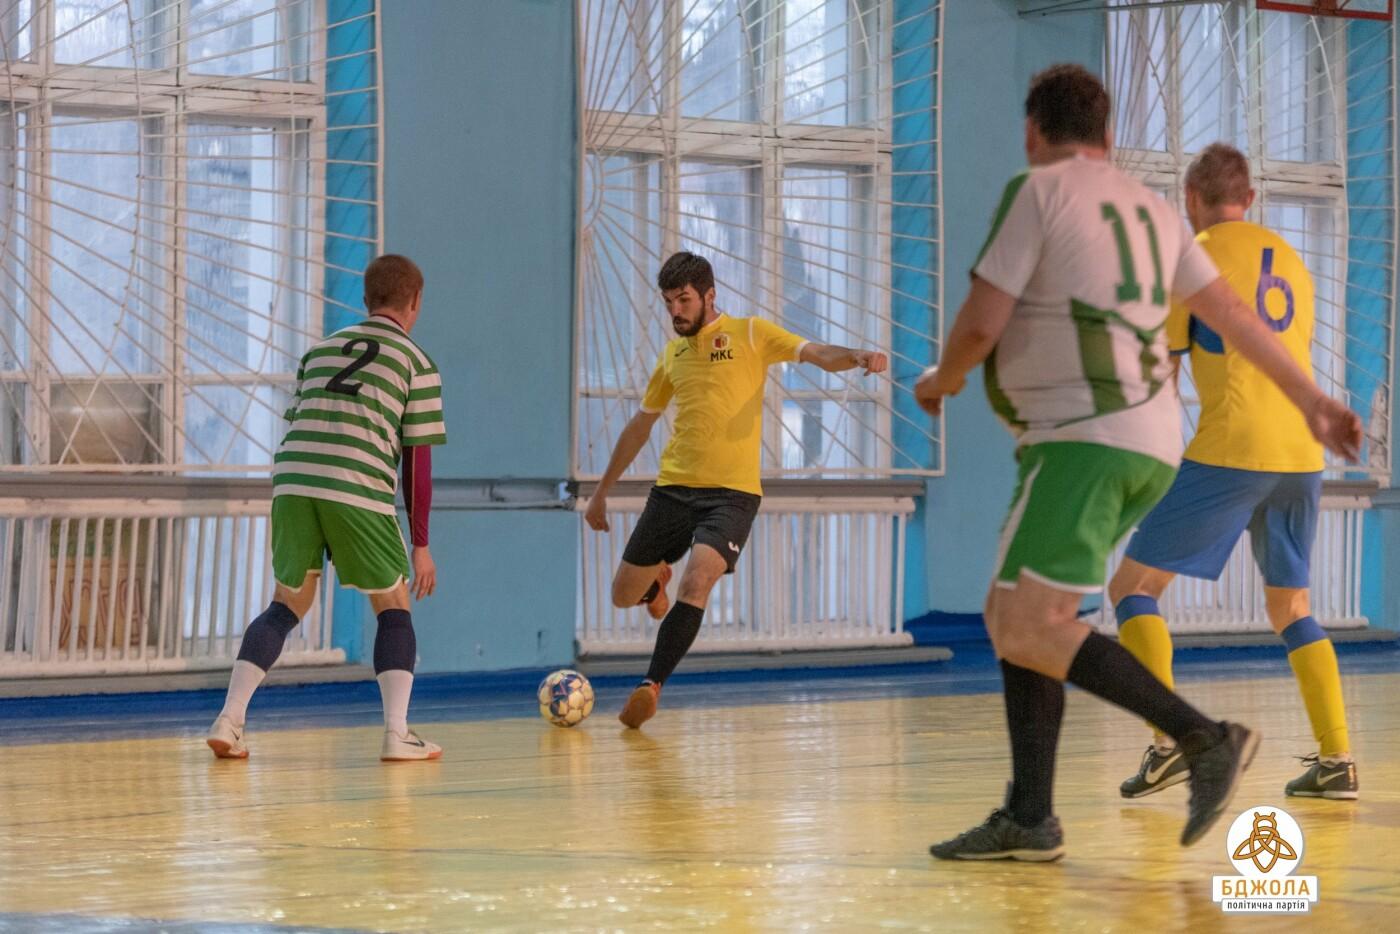 В Кам'янському пройшла череда спортивних заходів за підтримки «Бджоли», фото-4